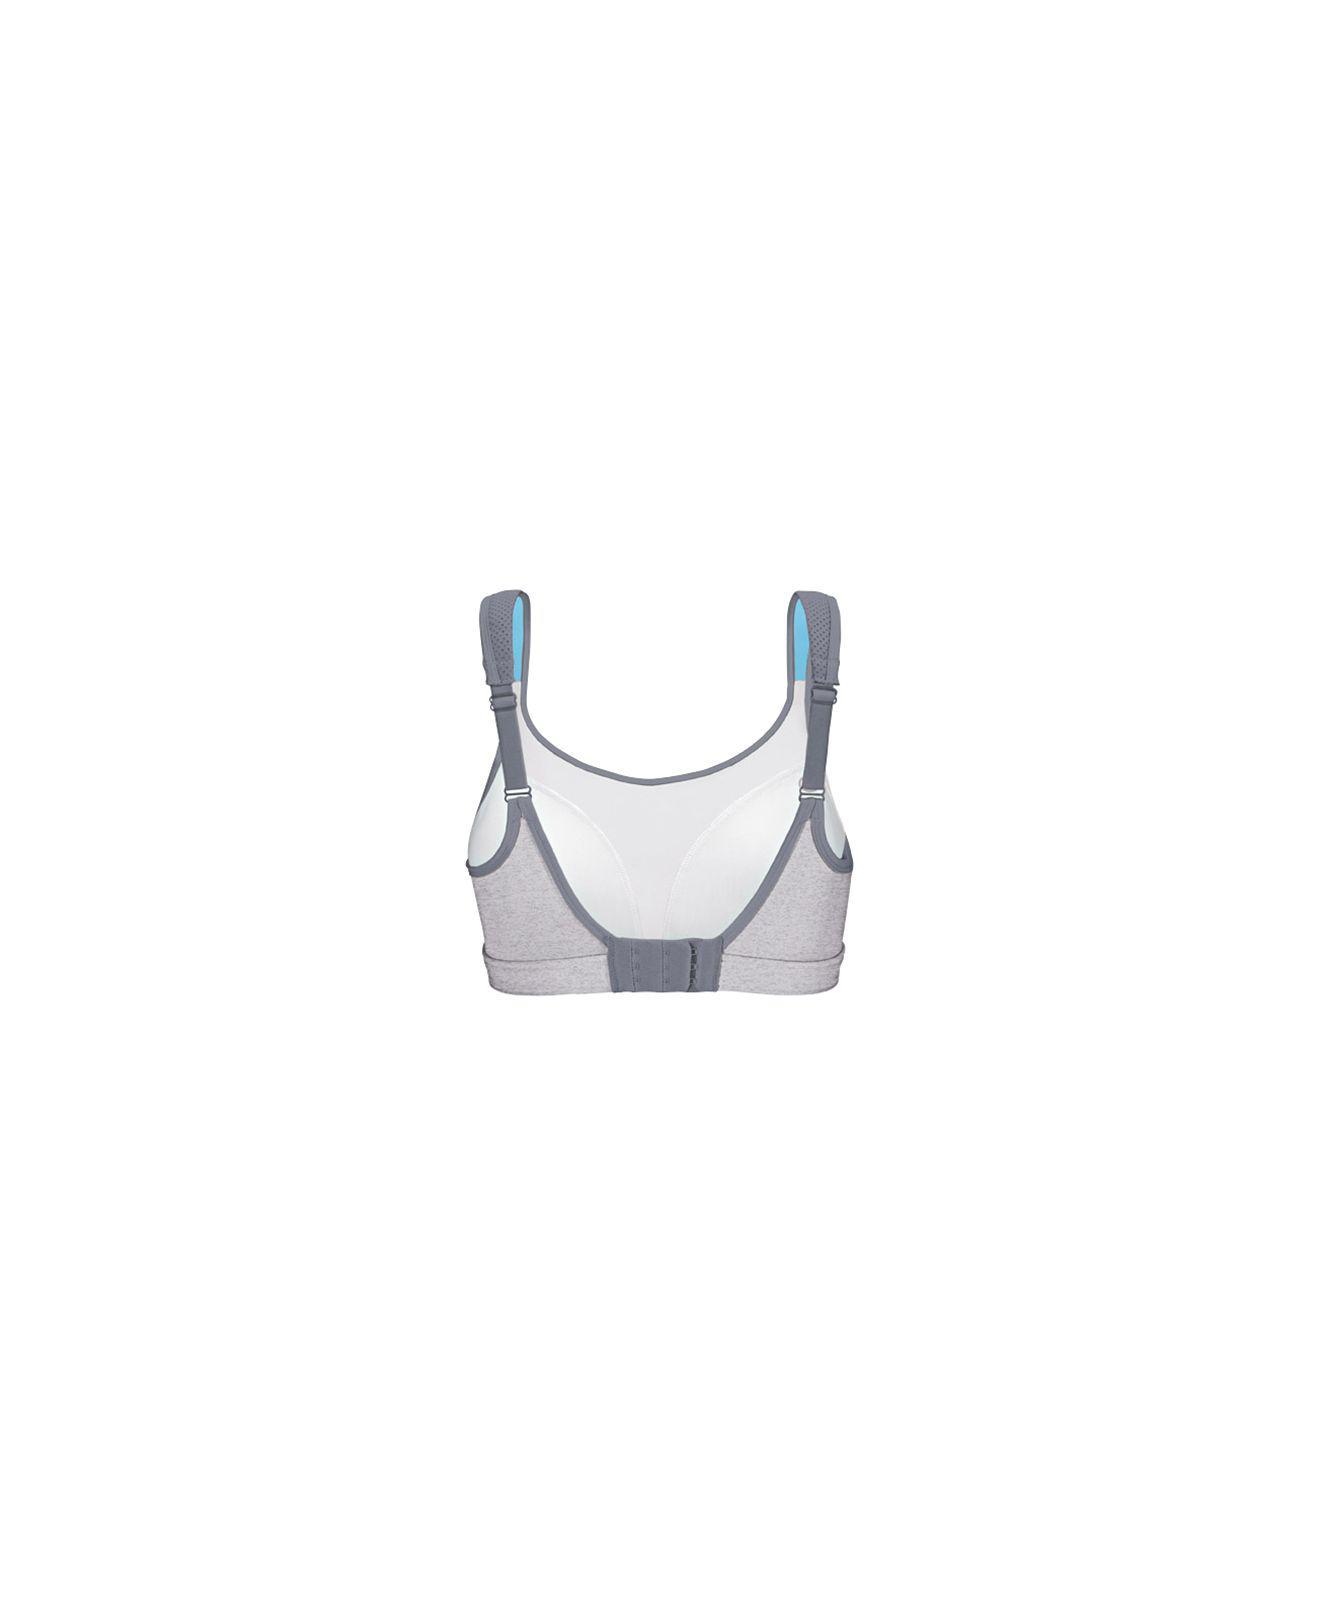 102dcd17b Champion - Gray Spot Comfort Maximum Support Sports Bra 1602 - Lyst. View  fullscreen